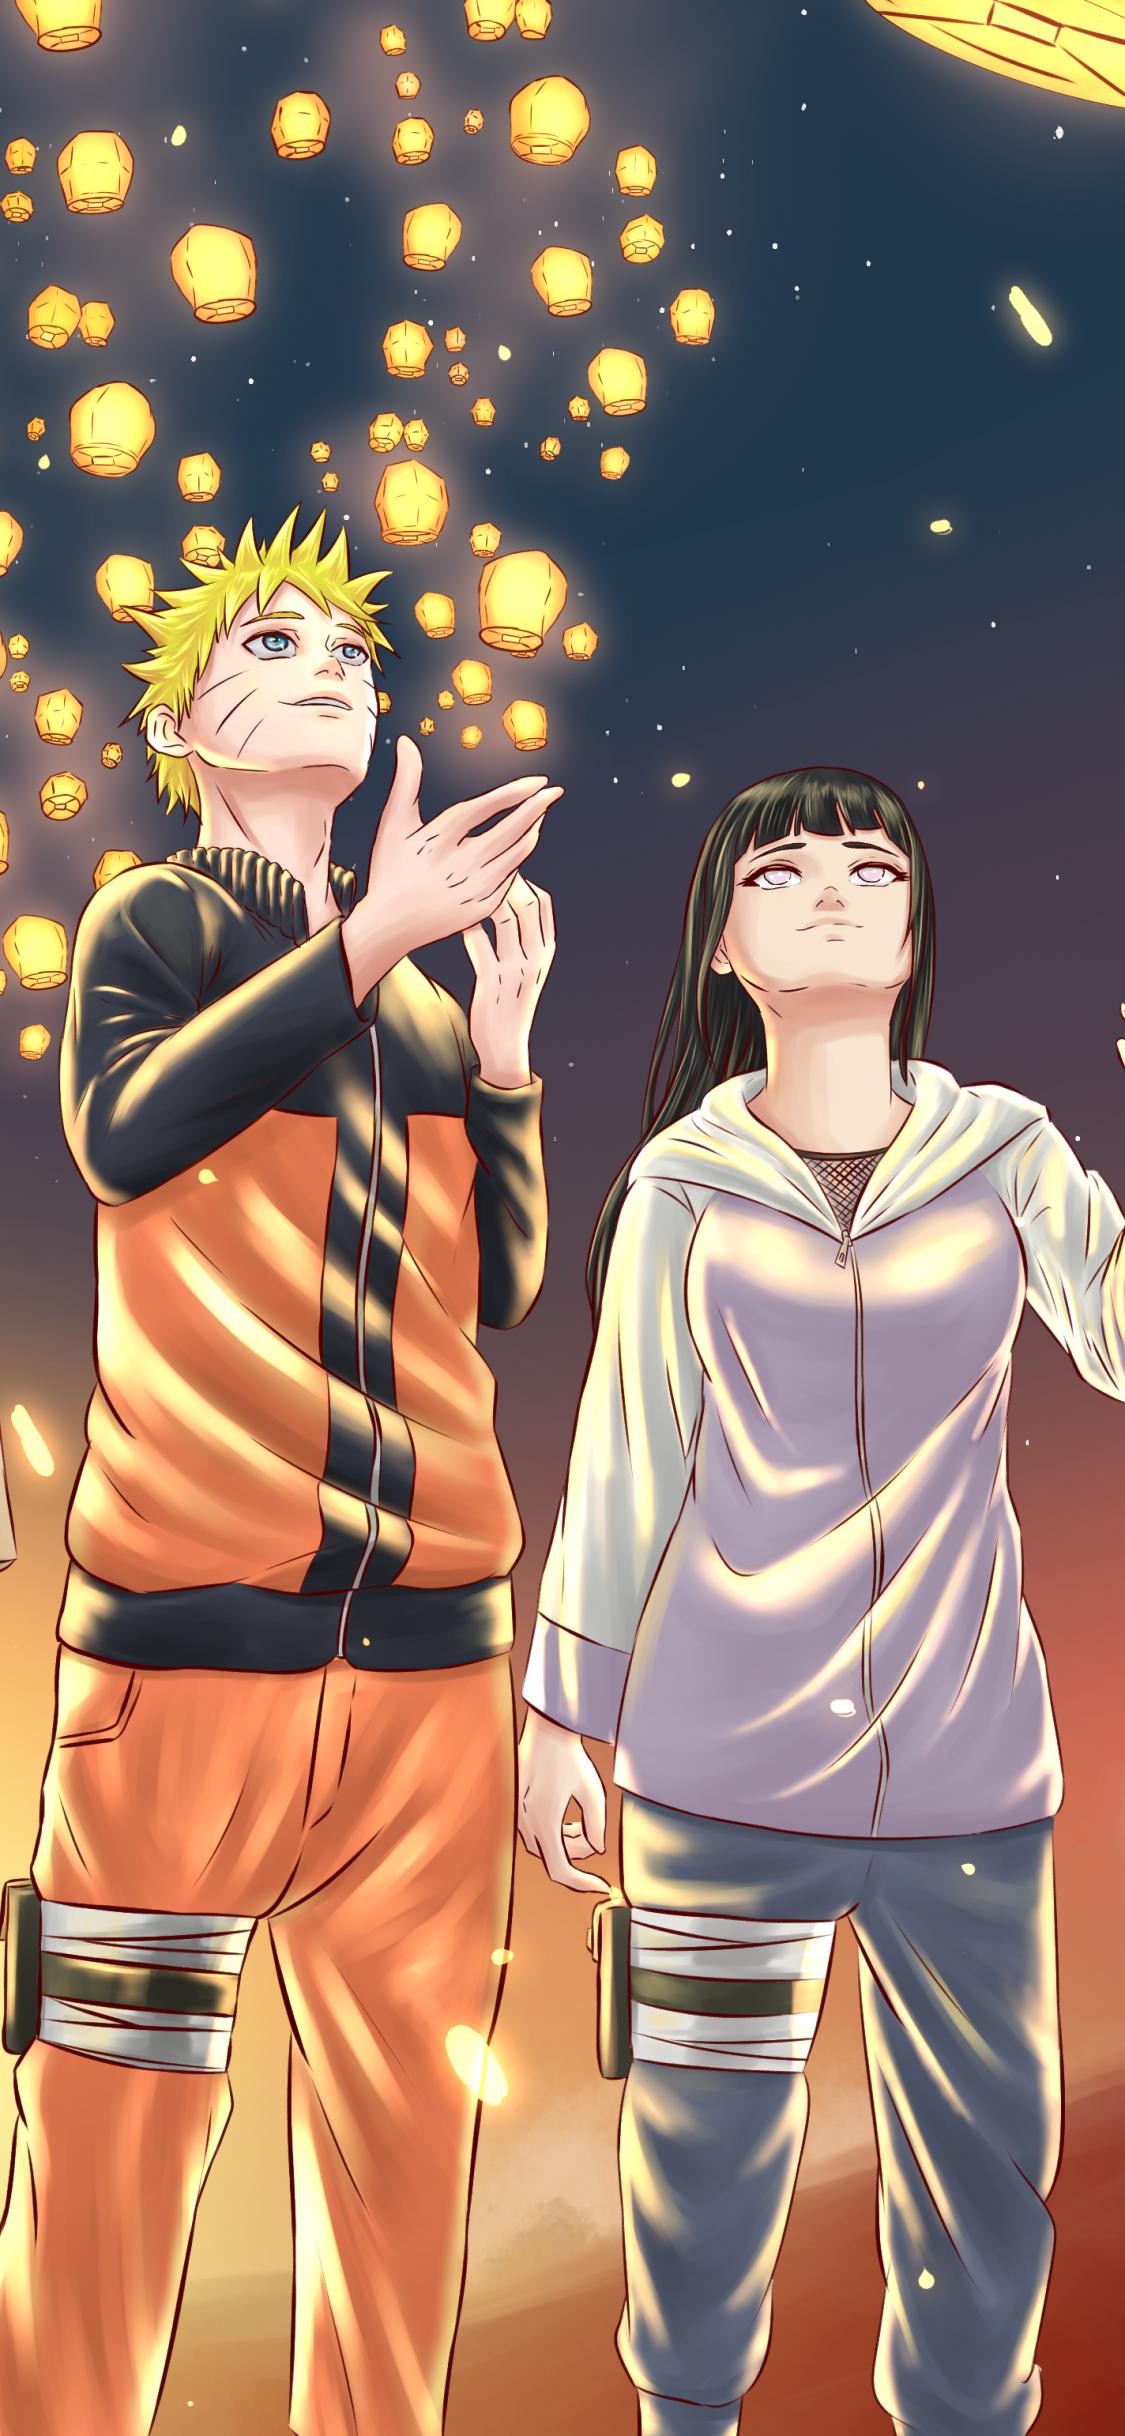 Naruto Uchiha Itachi Silhouette Iphone Wallpaper The